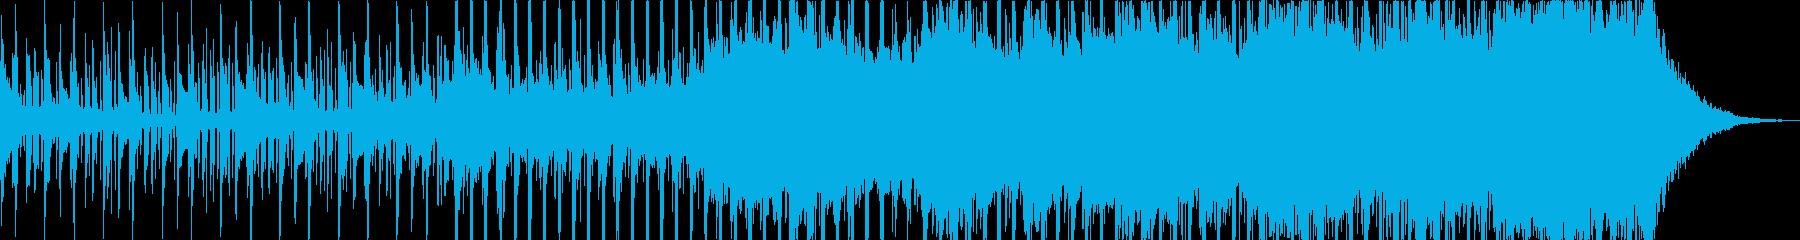 陽気で高揚感のあるポップミュージックの再生済みの波形